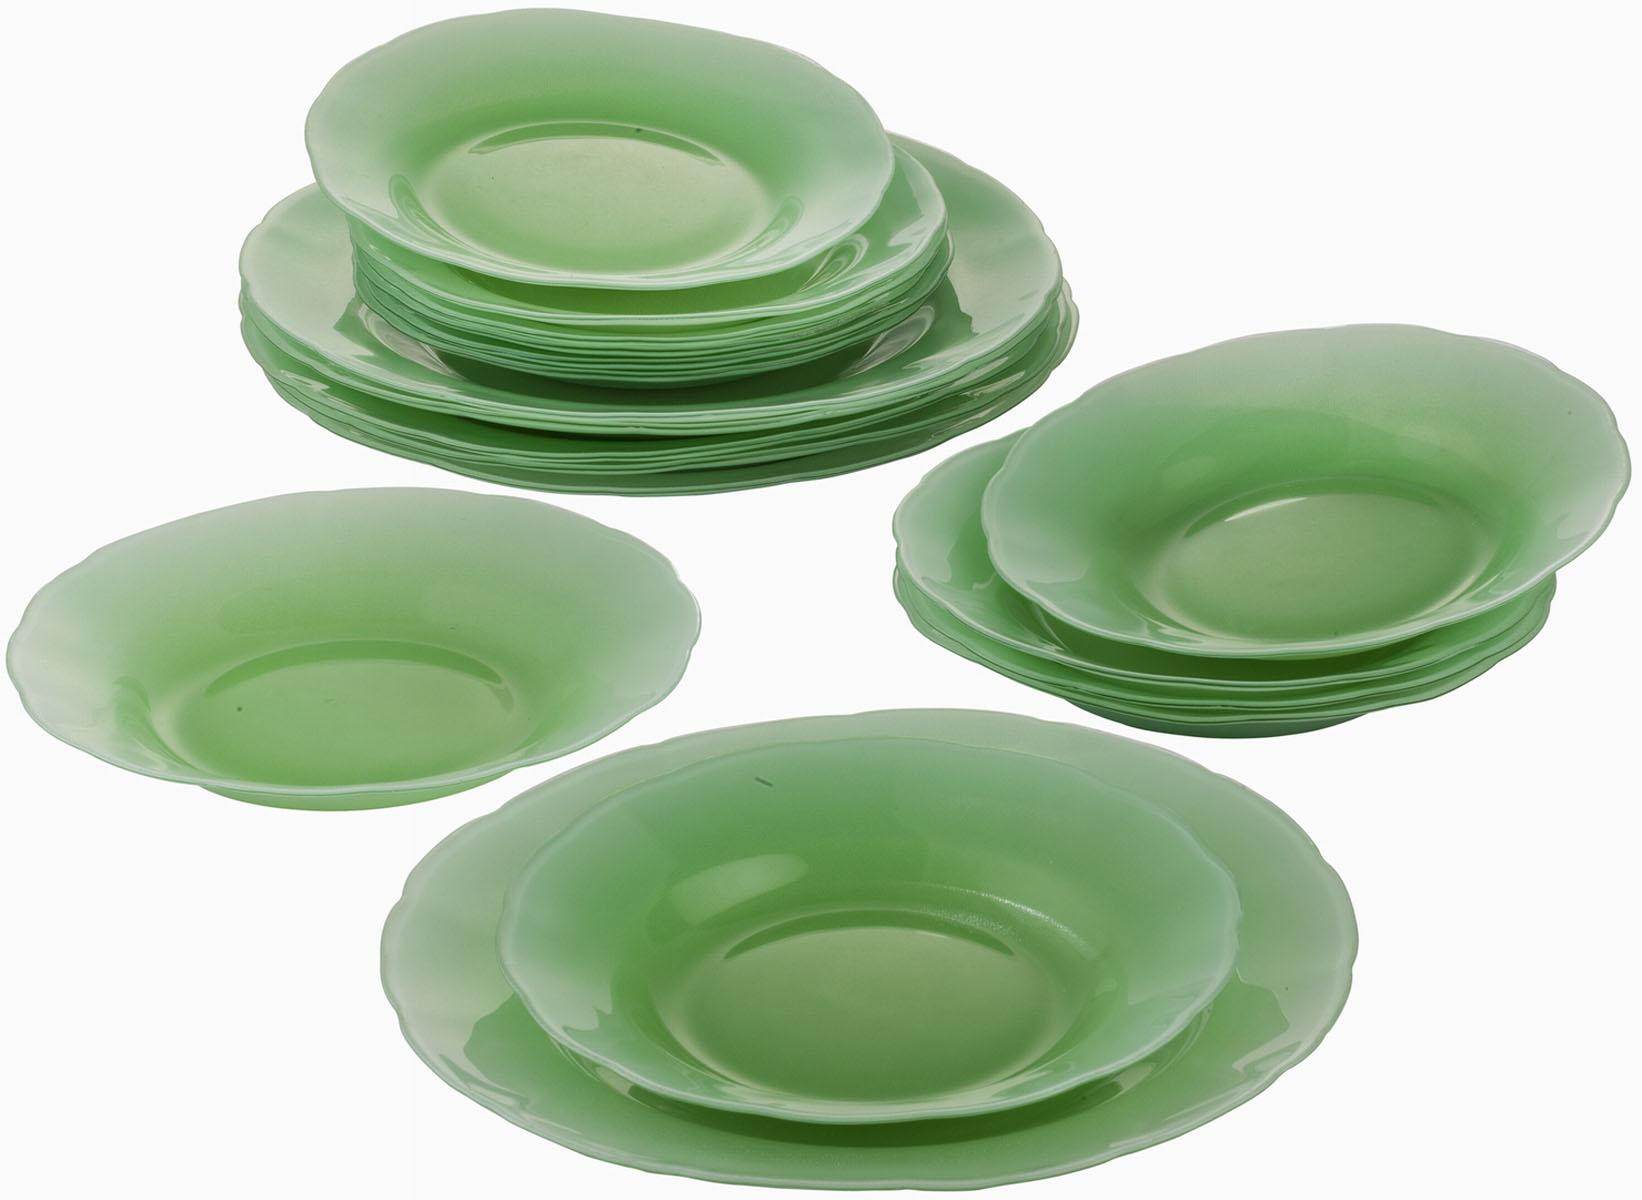 Сервиз обеденный Bekker Koch, 18 предметов, цвет: зеленый. BK-9904BK-9904Обеденный сервиз Bekker Koch, изготовленный из высококачественного стекла, состоит из 6 суповых тарелок, 6 обеденных тарелок и 6 десертных тарелок. Такой сервиз придется по вкусу любителям классики, и тем, кто предпочитает утонченность и изысканность. Набор эффектно украсит стол к обеду, а также прекрасно подойдет для торжественных случаев. Не рекомендуется мыть в посудомоечной машине.